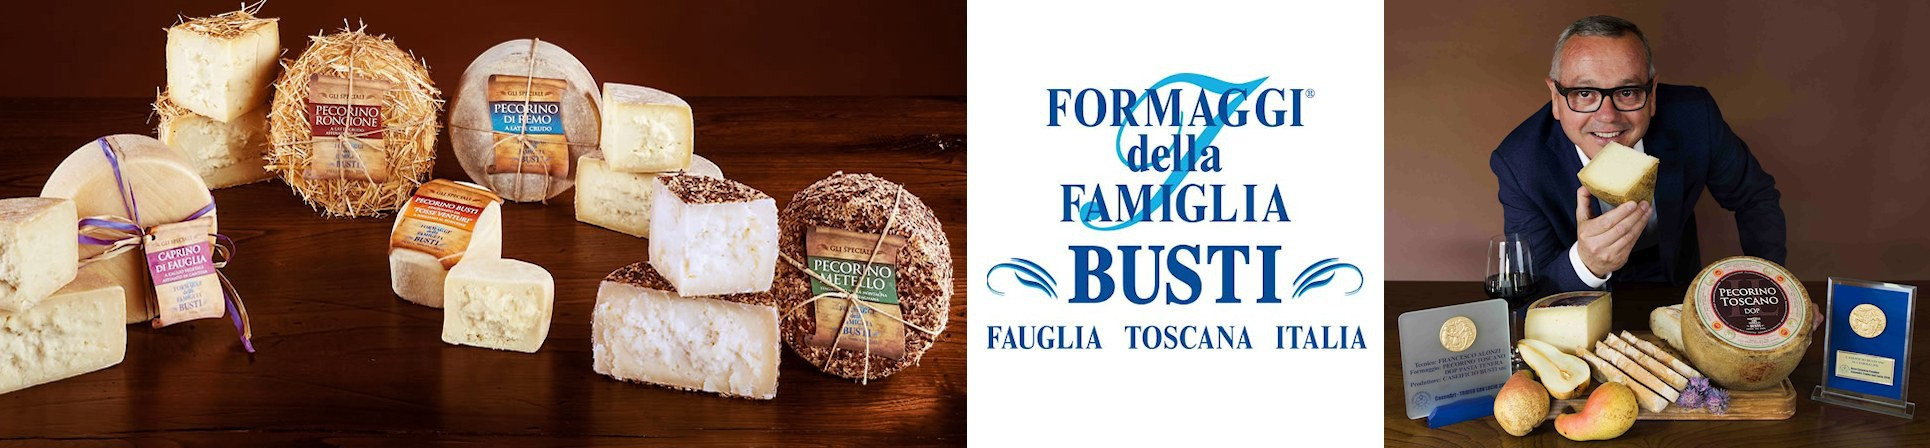 B2B GUSTOX - il Marketplace all'ingrosso delle eccellenze agroalimetari italiane - Formaggi della Famiglia Busti